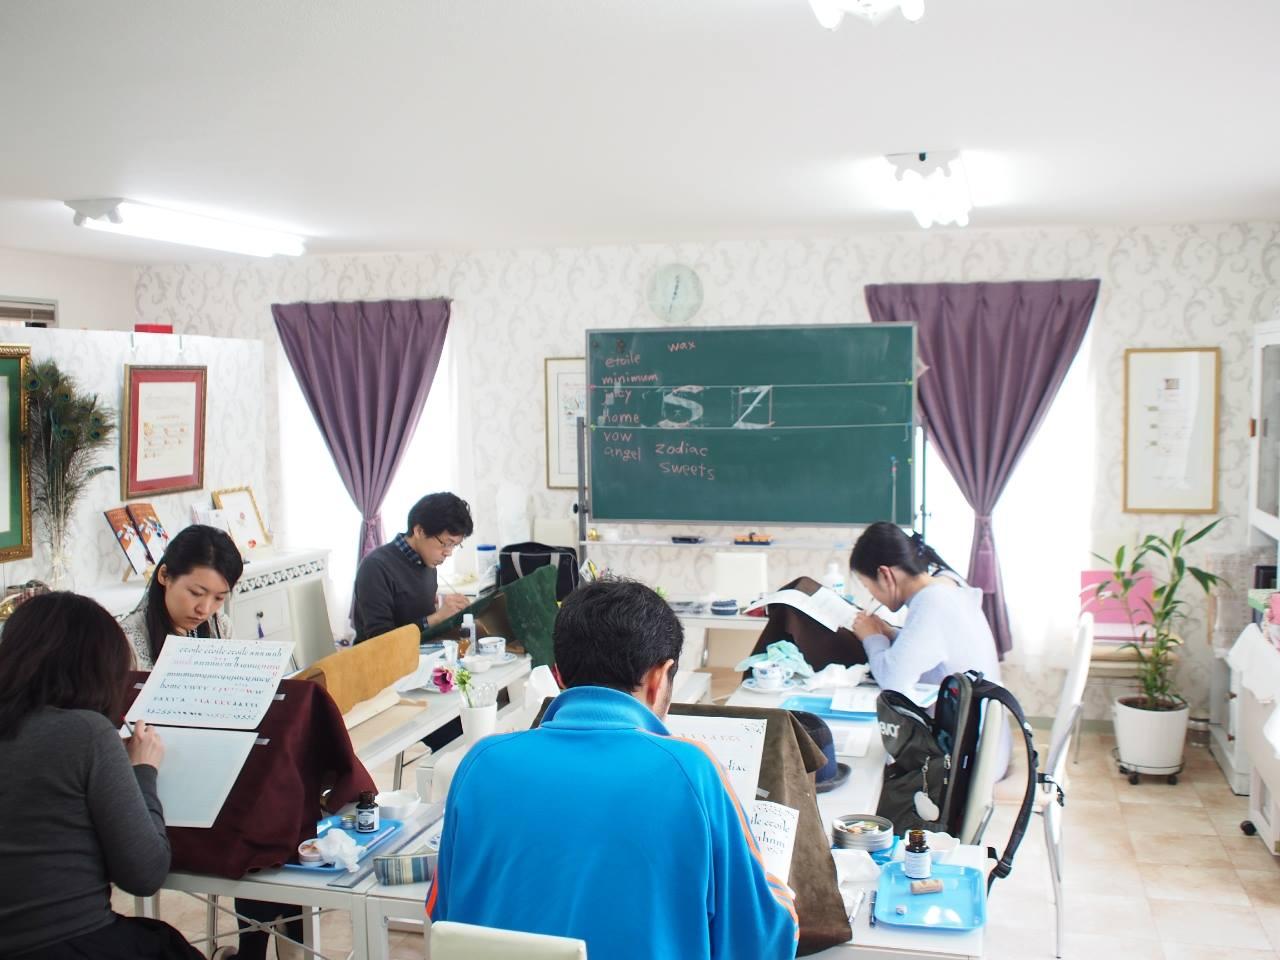 青山のカリグラフィー教室 モジ・アカデミア